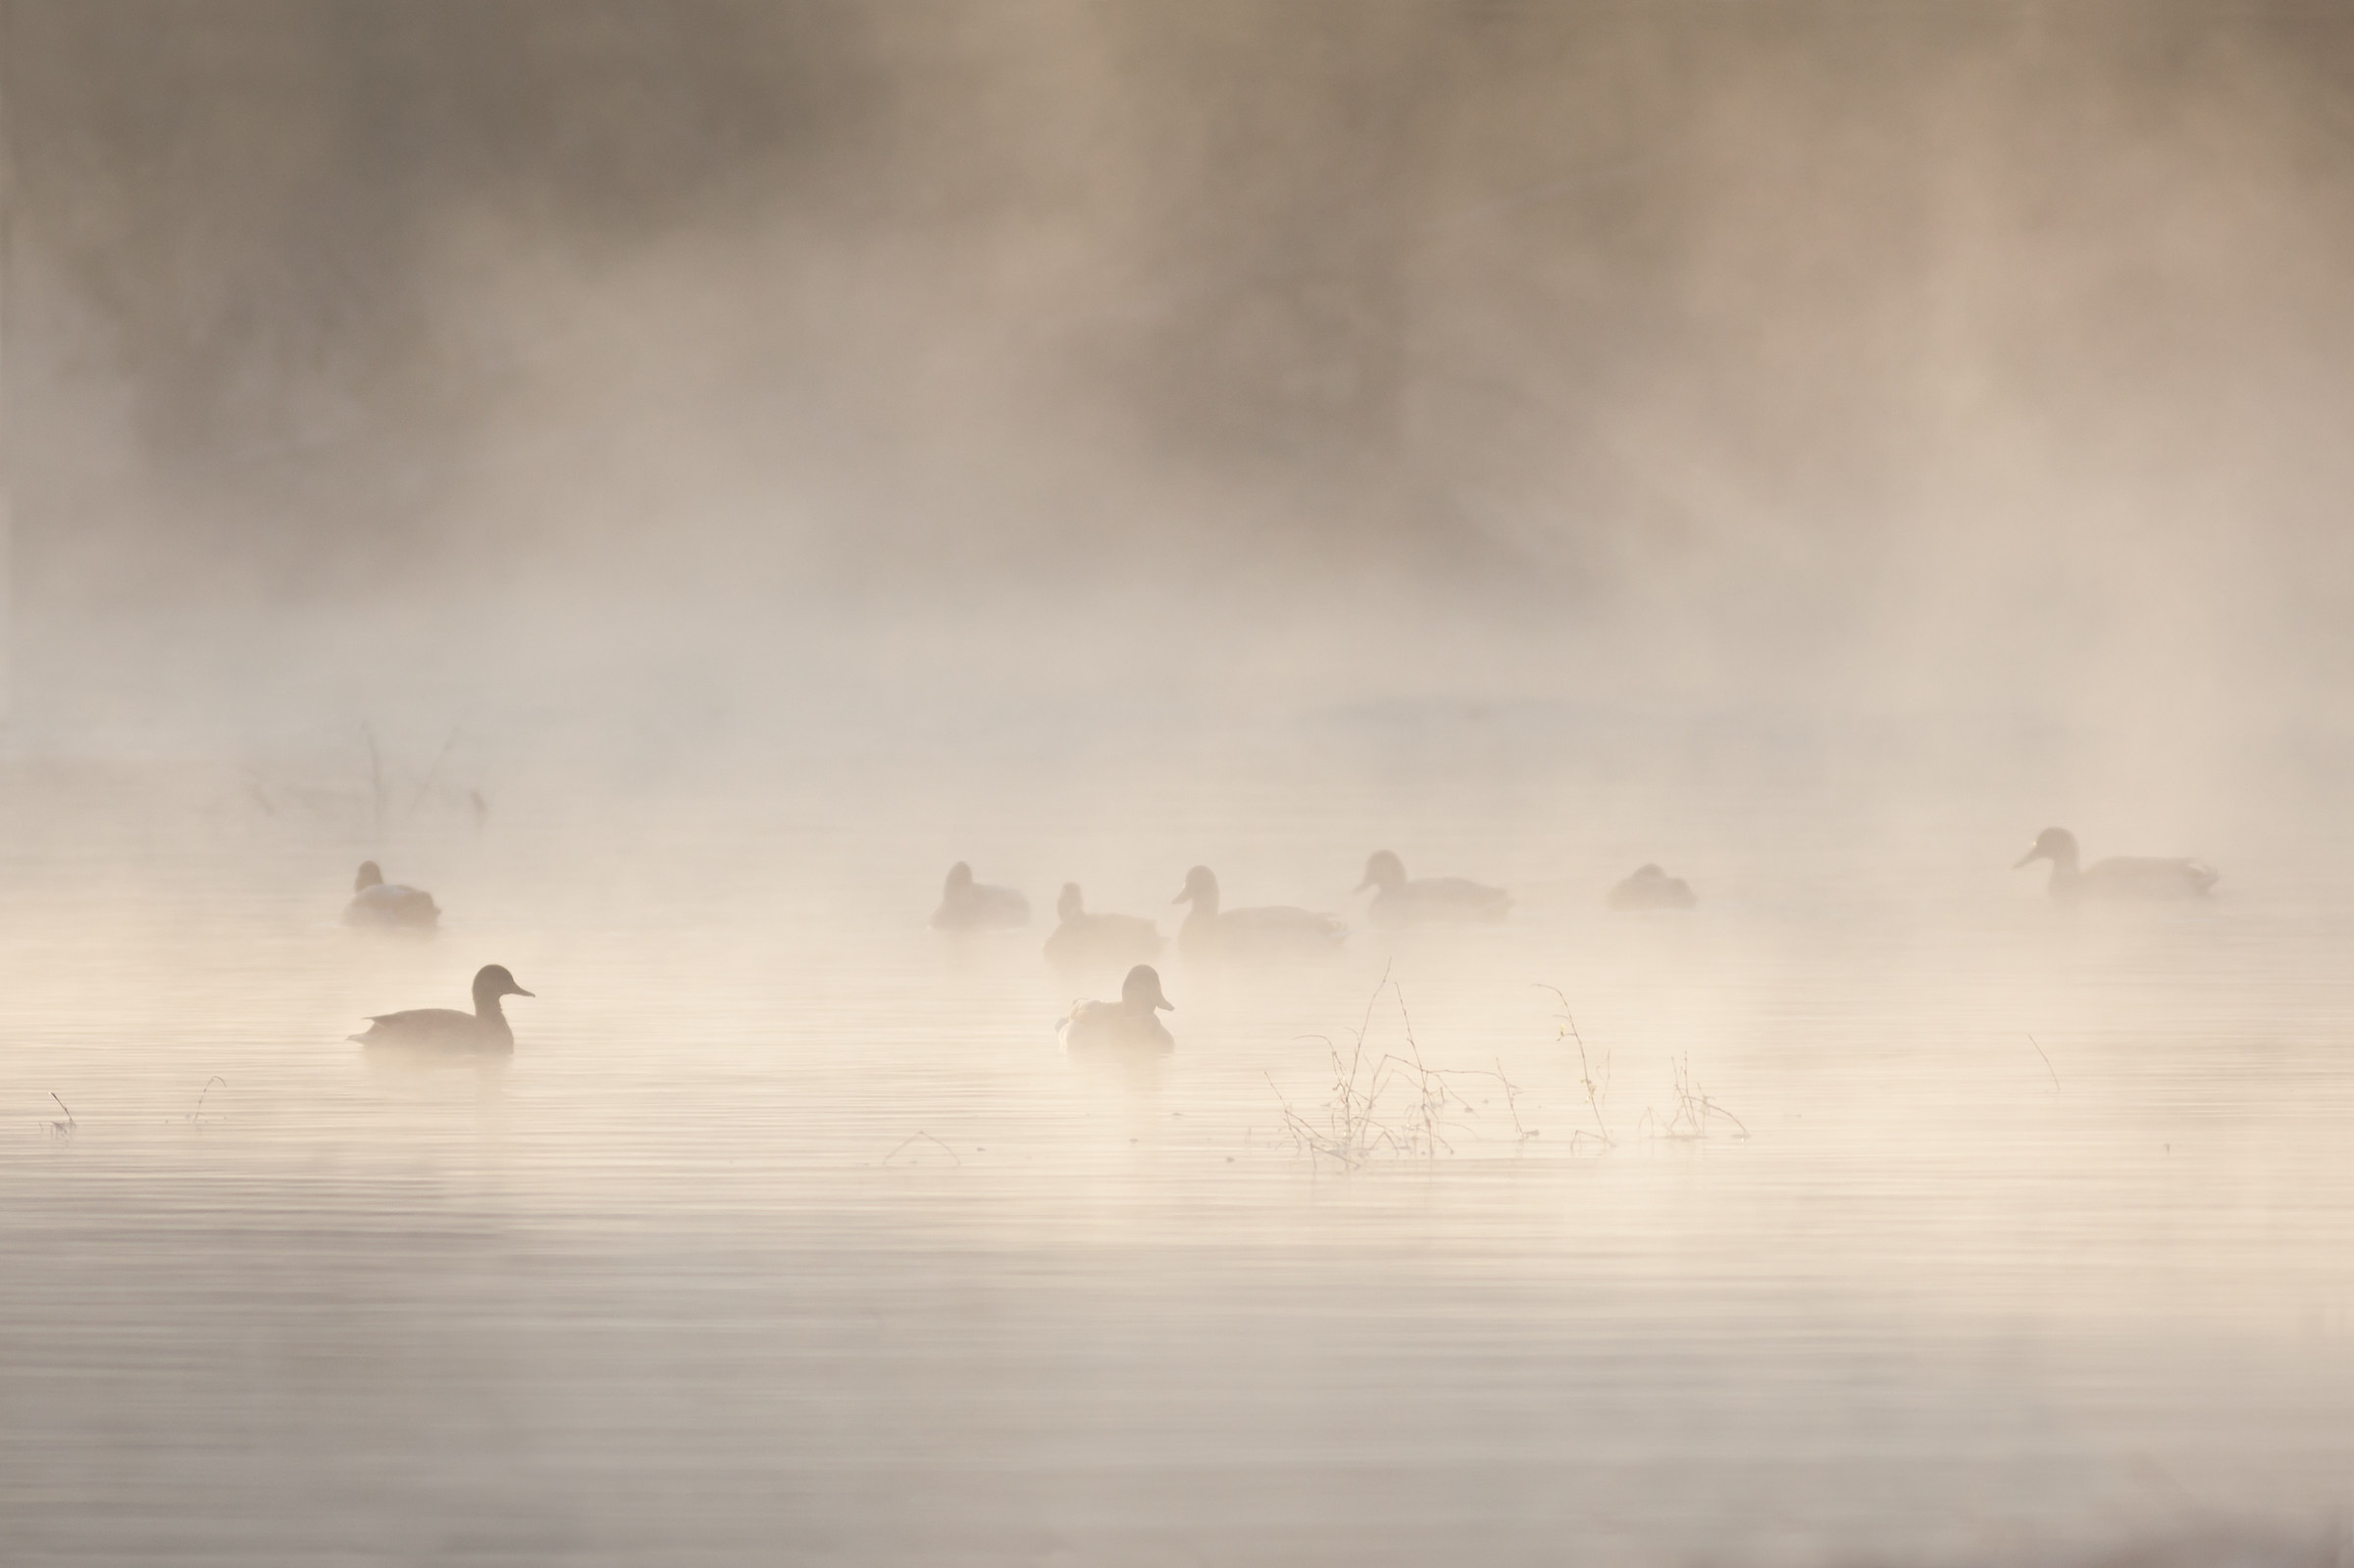 Tra la nebbia......